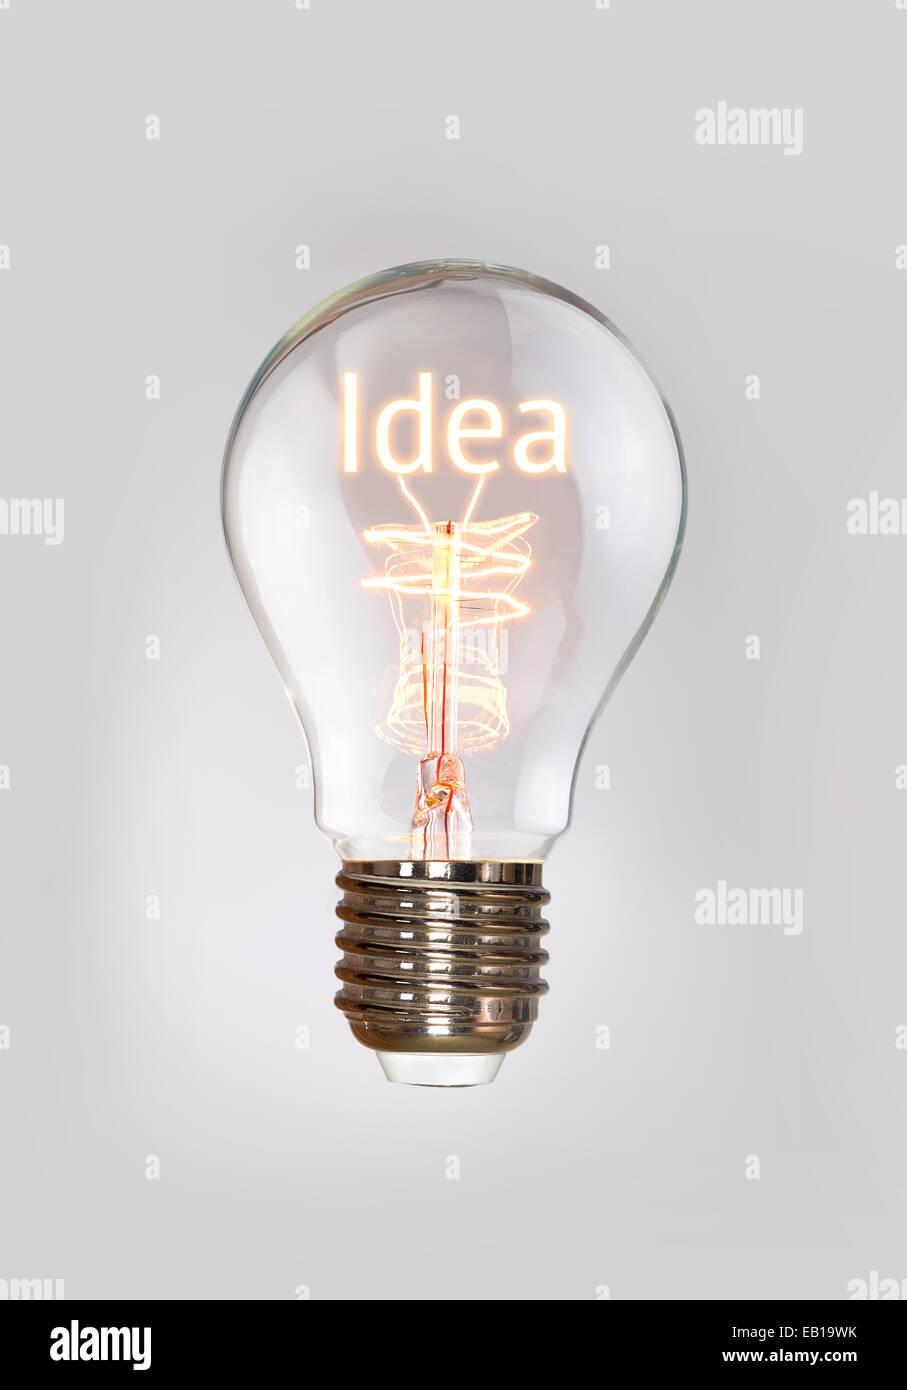 Ideen-Konzept in ein Filament-Glühbirne. Stockbild